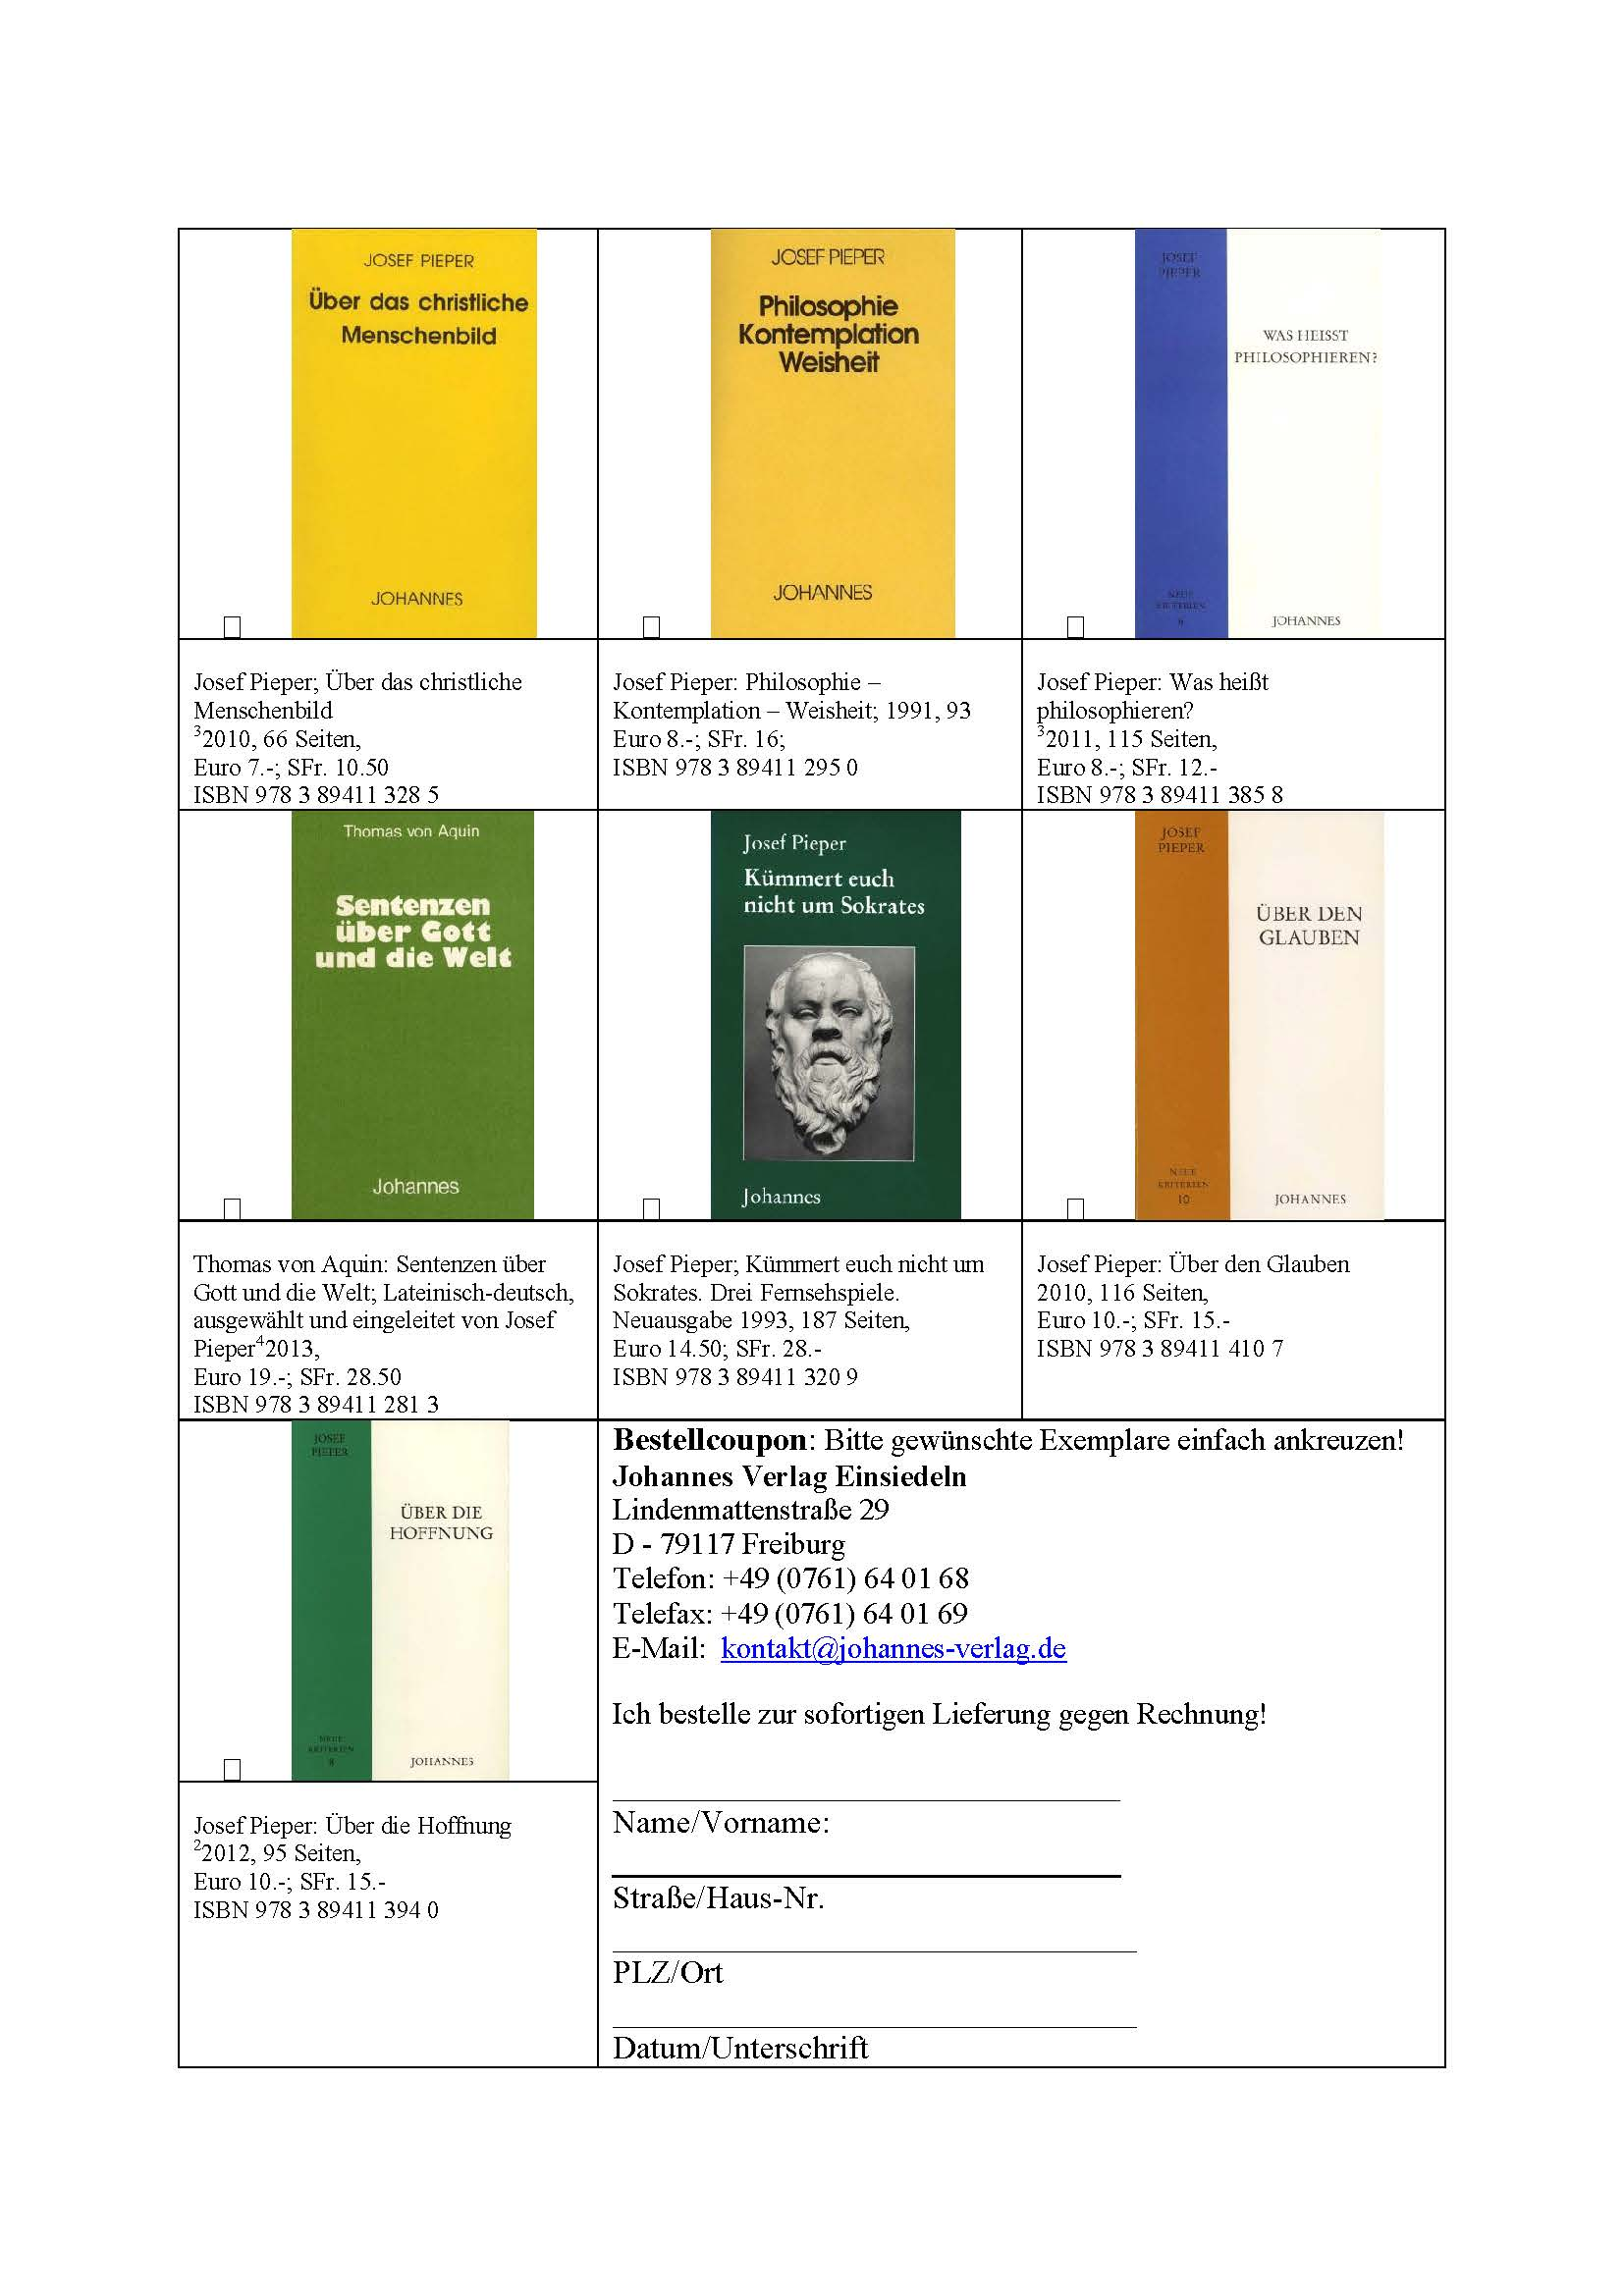 Einzelausgaben 2 Johannes Verlag Einsiedeln mit Rahmen